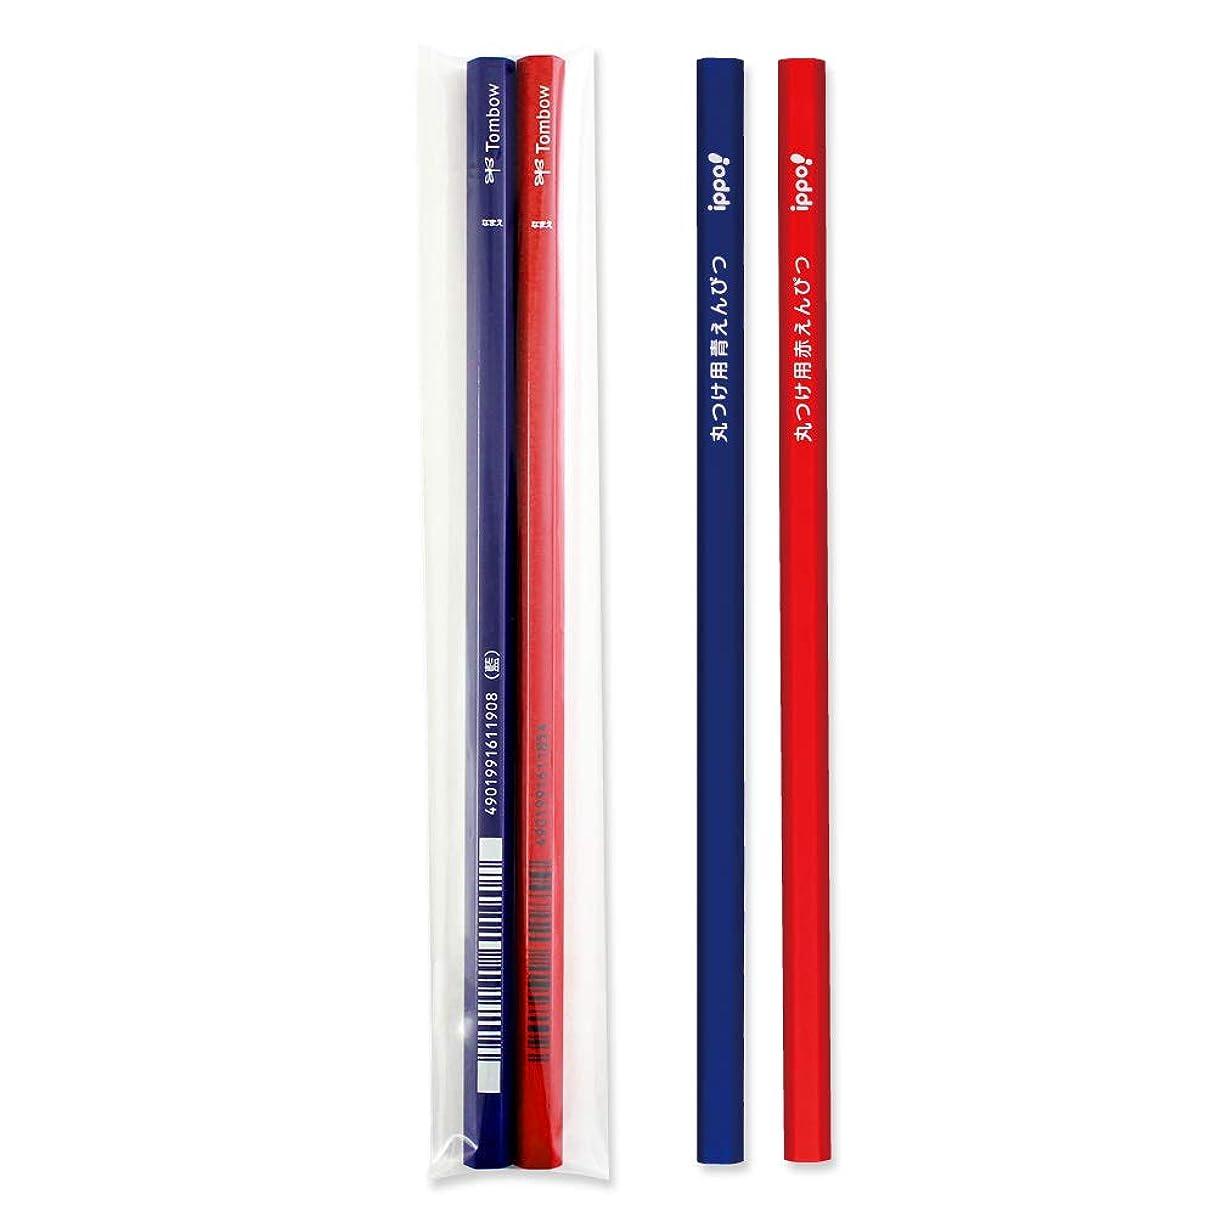 栄光の夜明け意味のあるトンボ 丸つけ用赤青えんぴつ 六角 各1本の2本パック 鉛筆 名入れ 無料 1ダース/マジック風/柄なし/印刷/白色